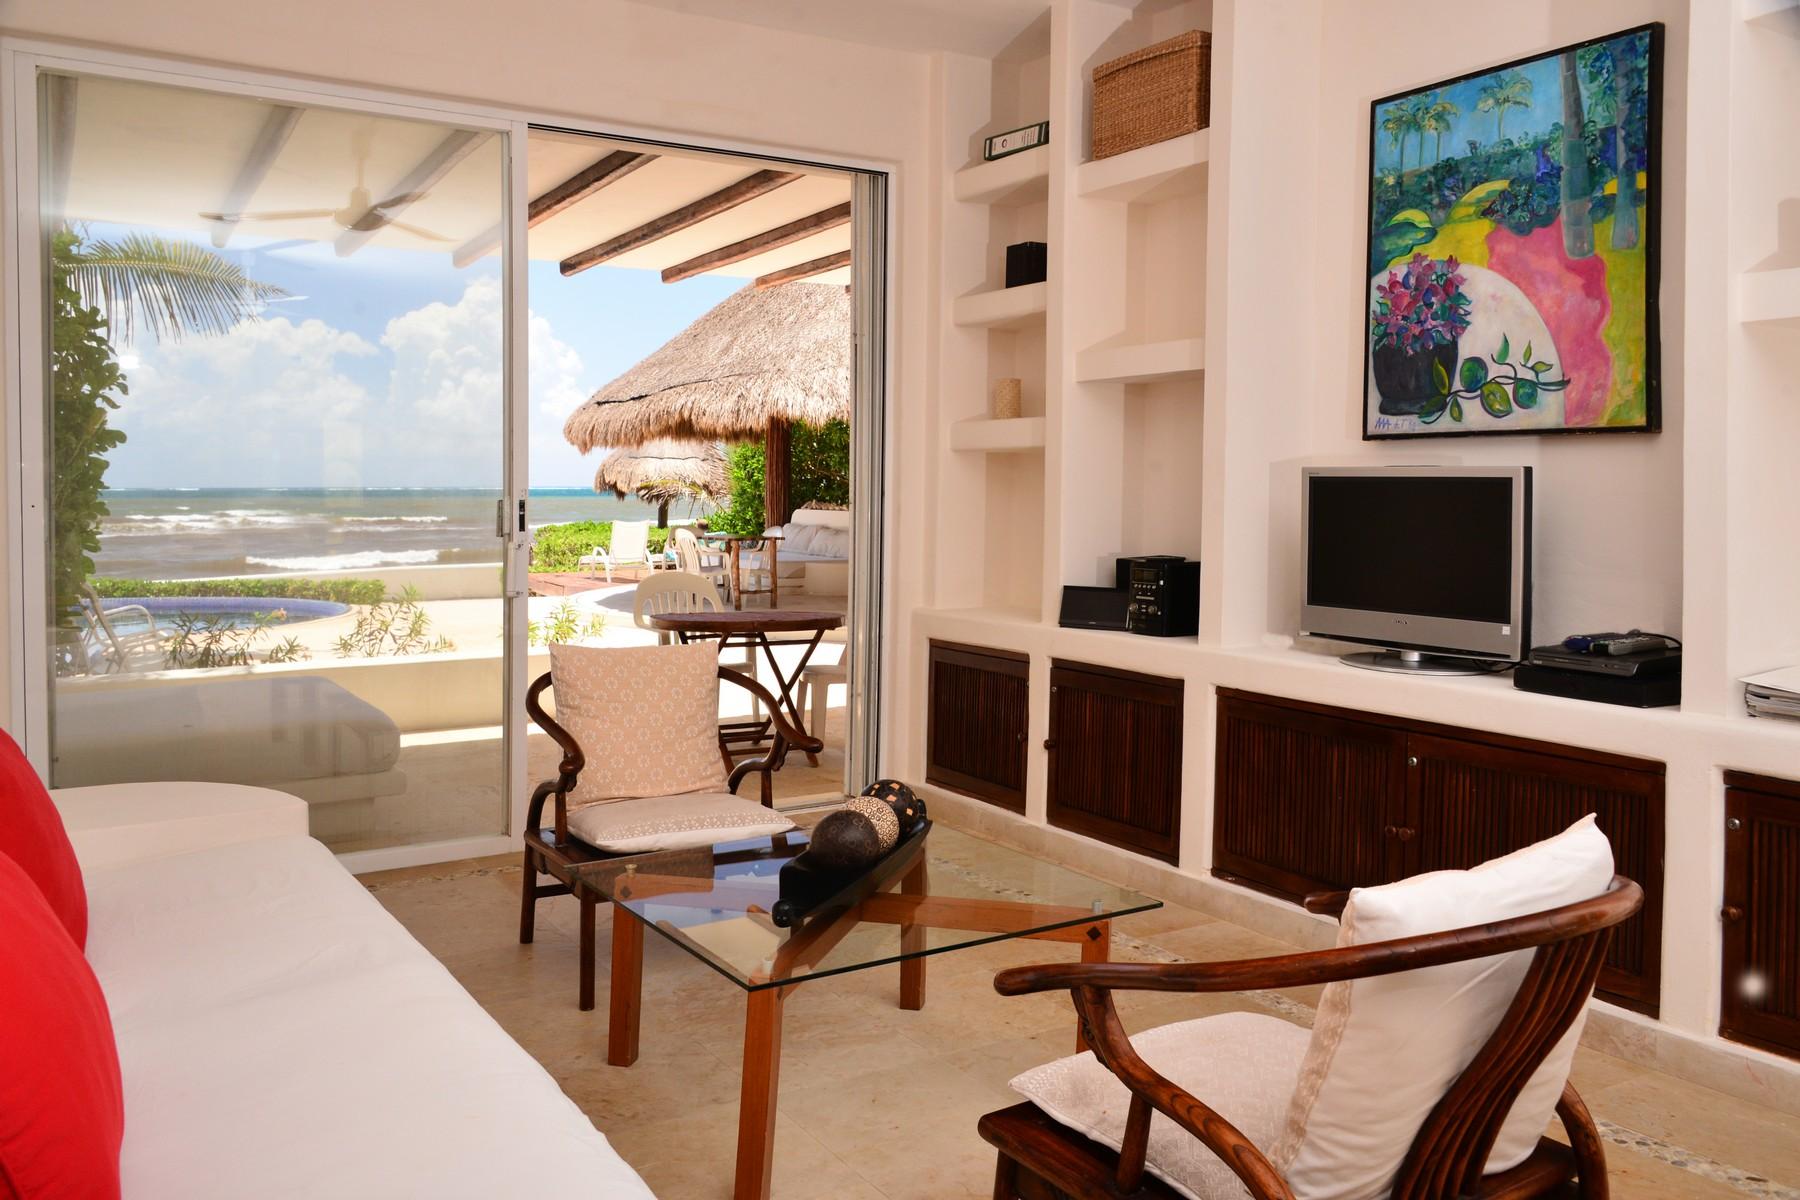 Additional photo for property listing at SEAFRONT PARADISE UNIT #101 Seafront Paradise – Unit #101 Predio Maria Irene, Supermzna 12, Mzna 21 13 Puerto Morelos, Quintana Roo 77930 Mexico